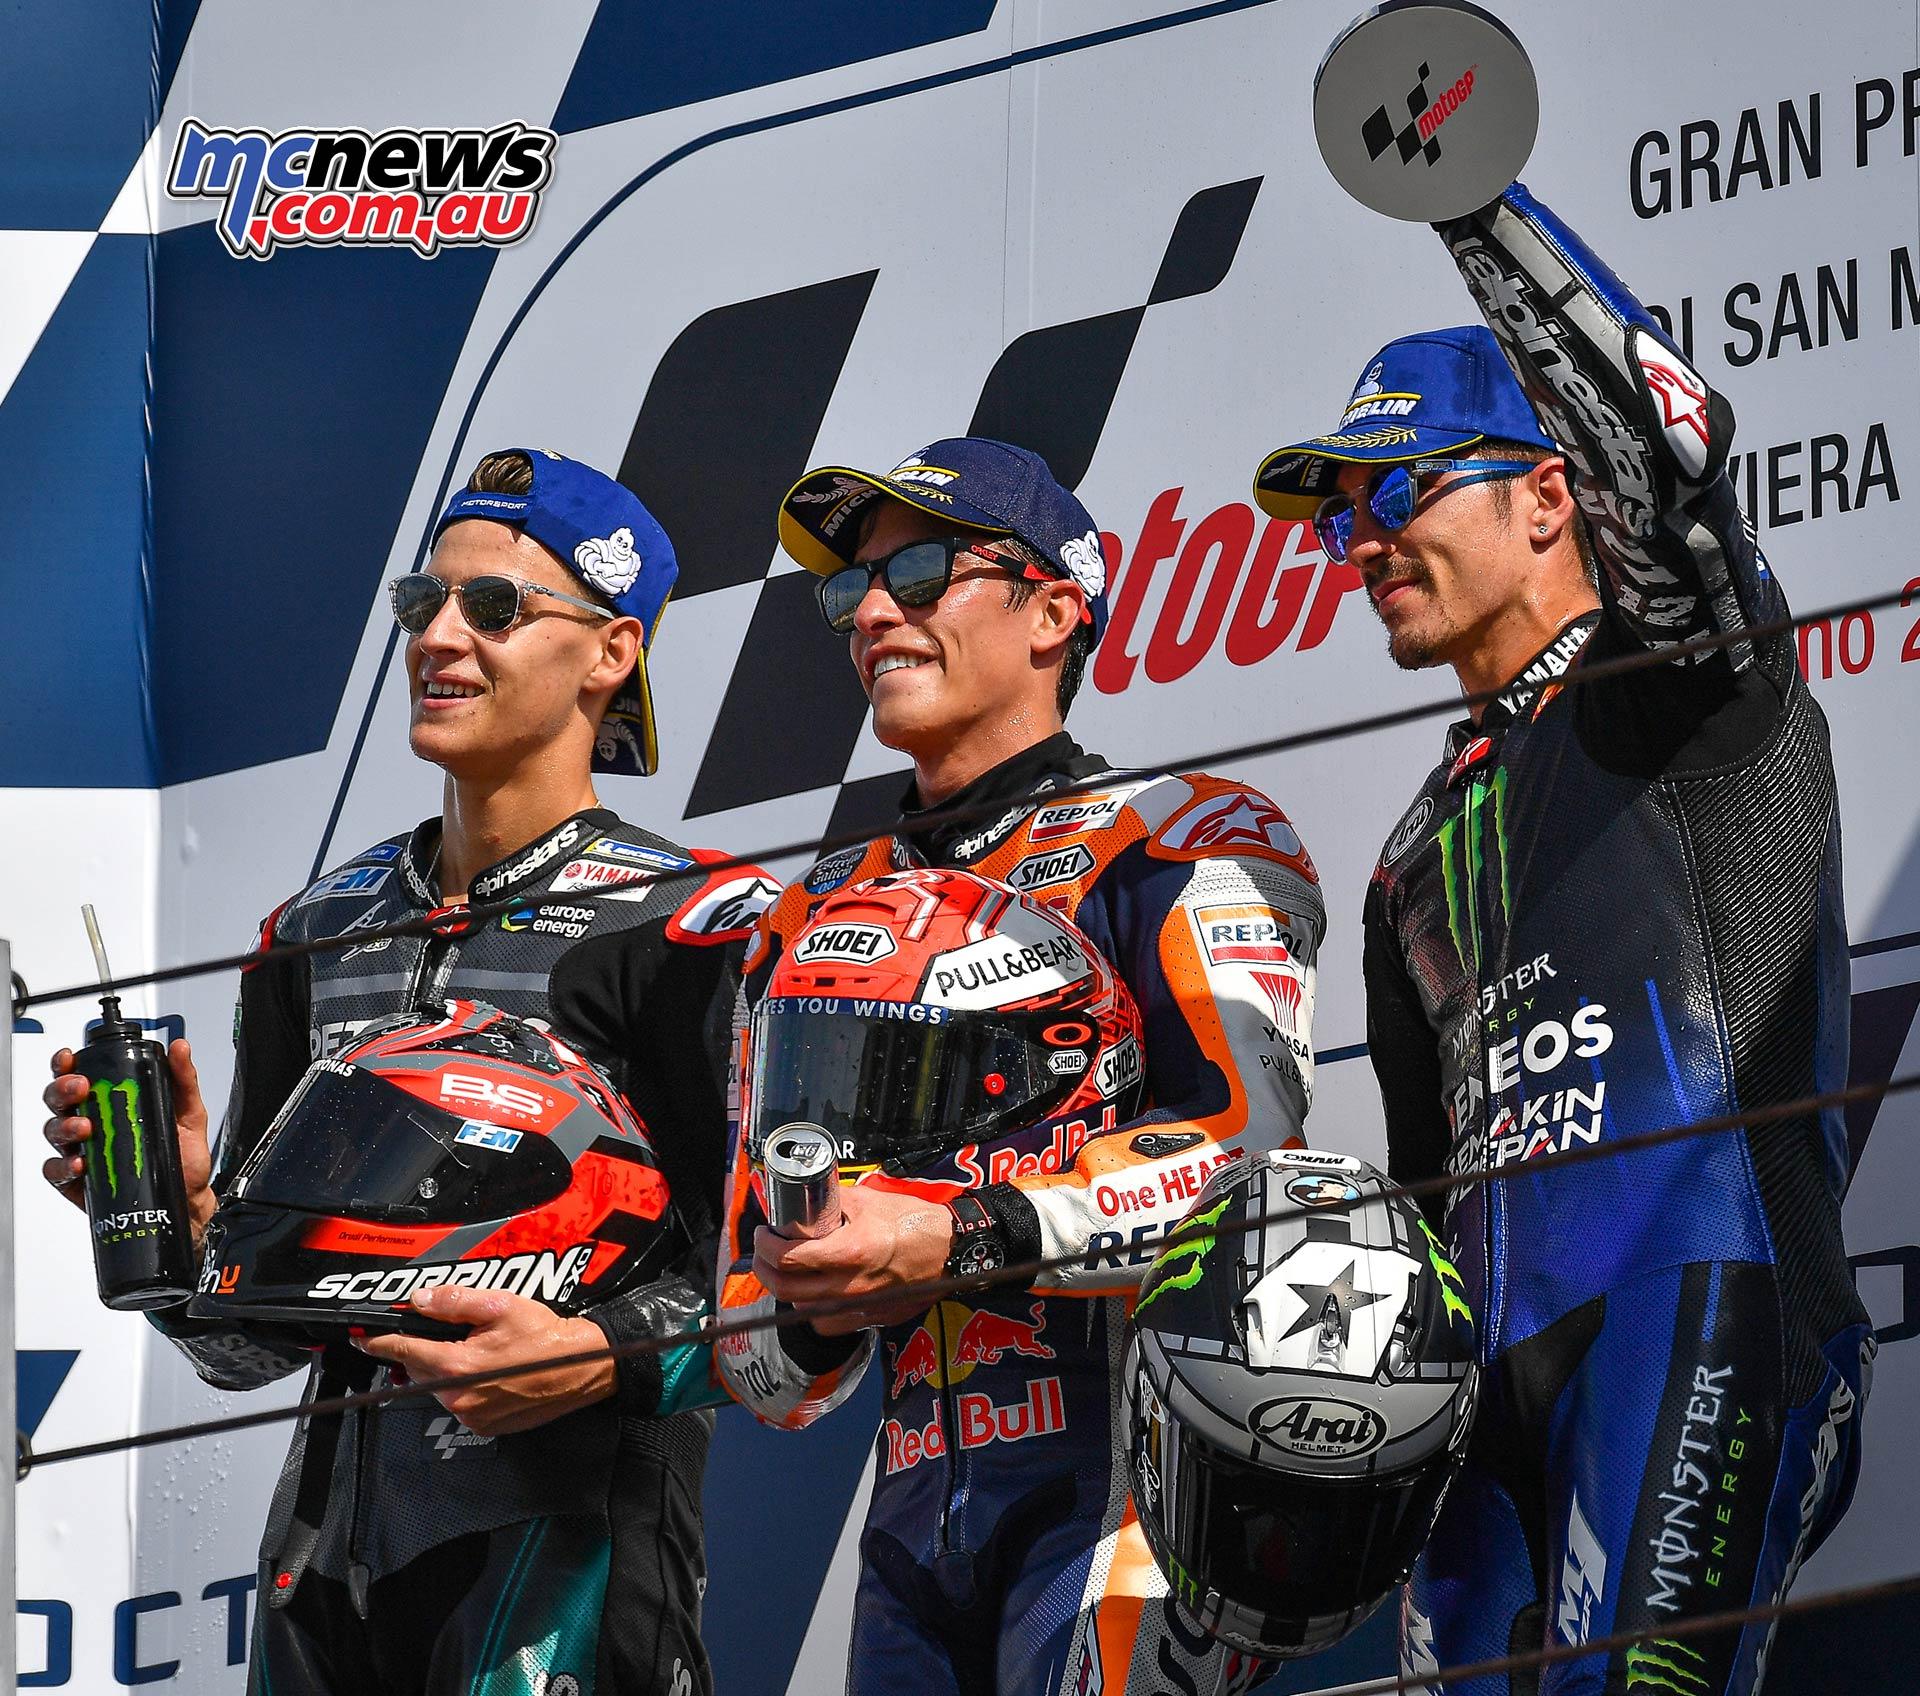 MotoGP Rnd Misano Podium Marquez Quartararo Vinales